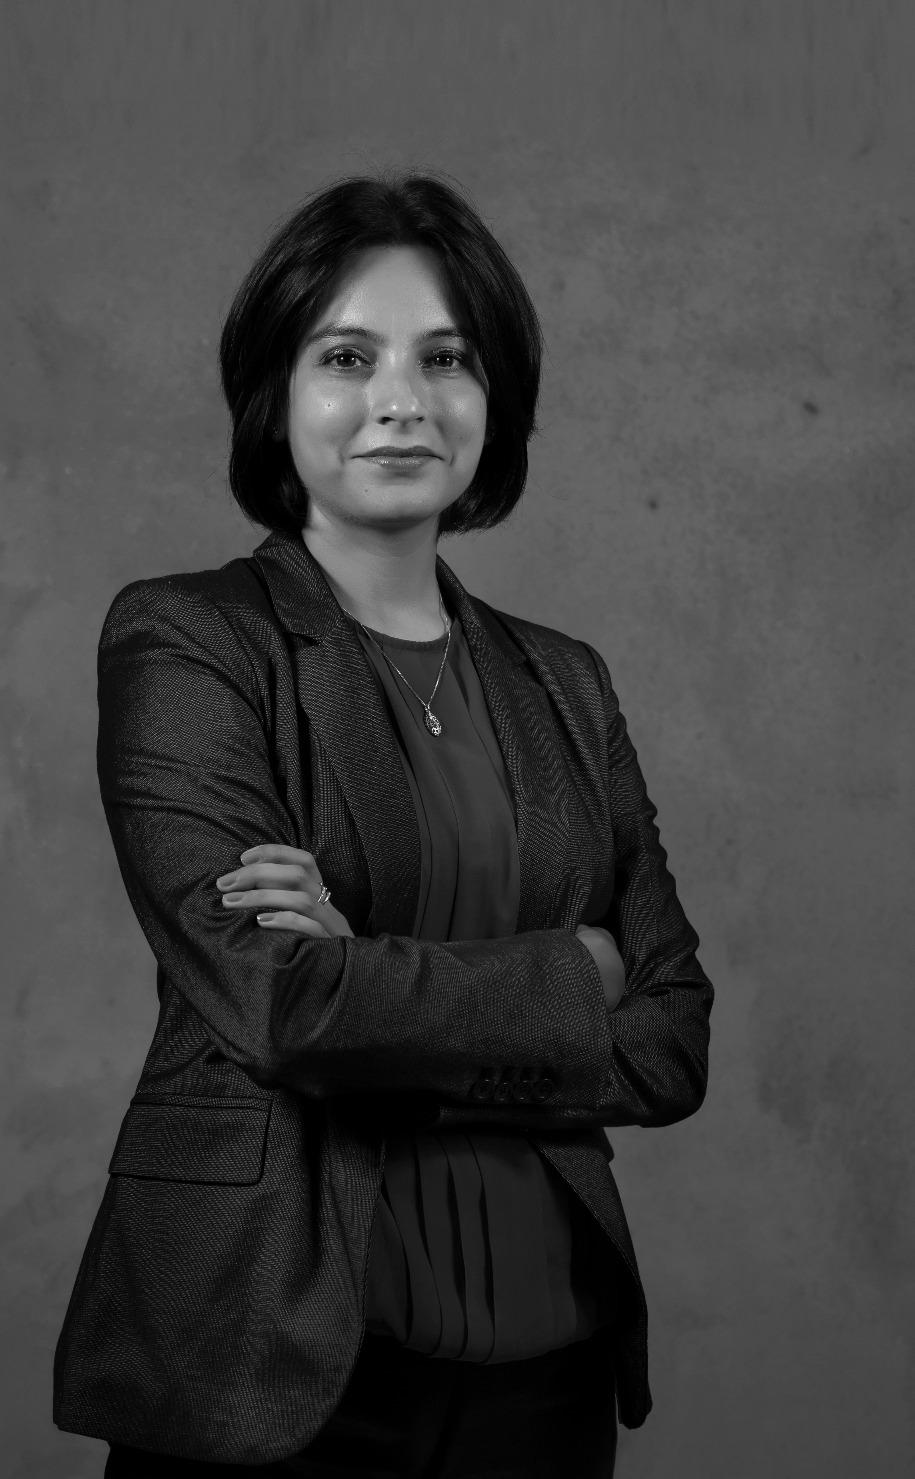 Sarika Panchhi